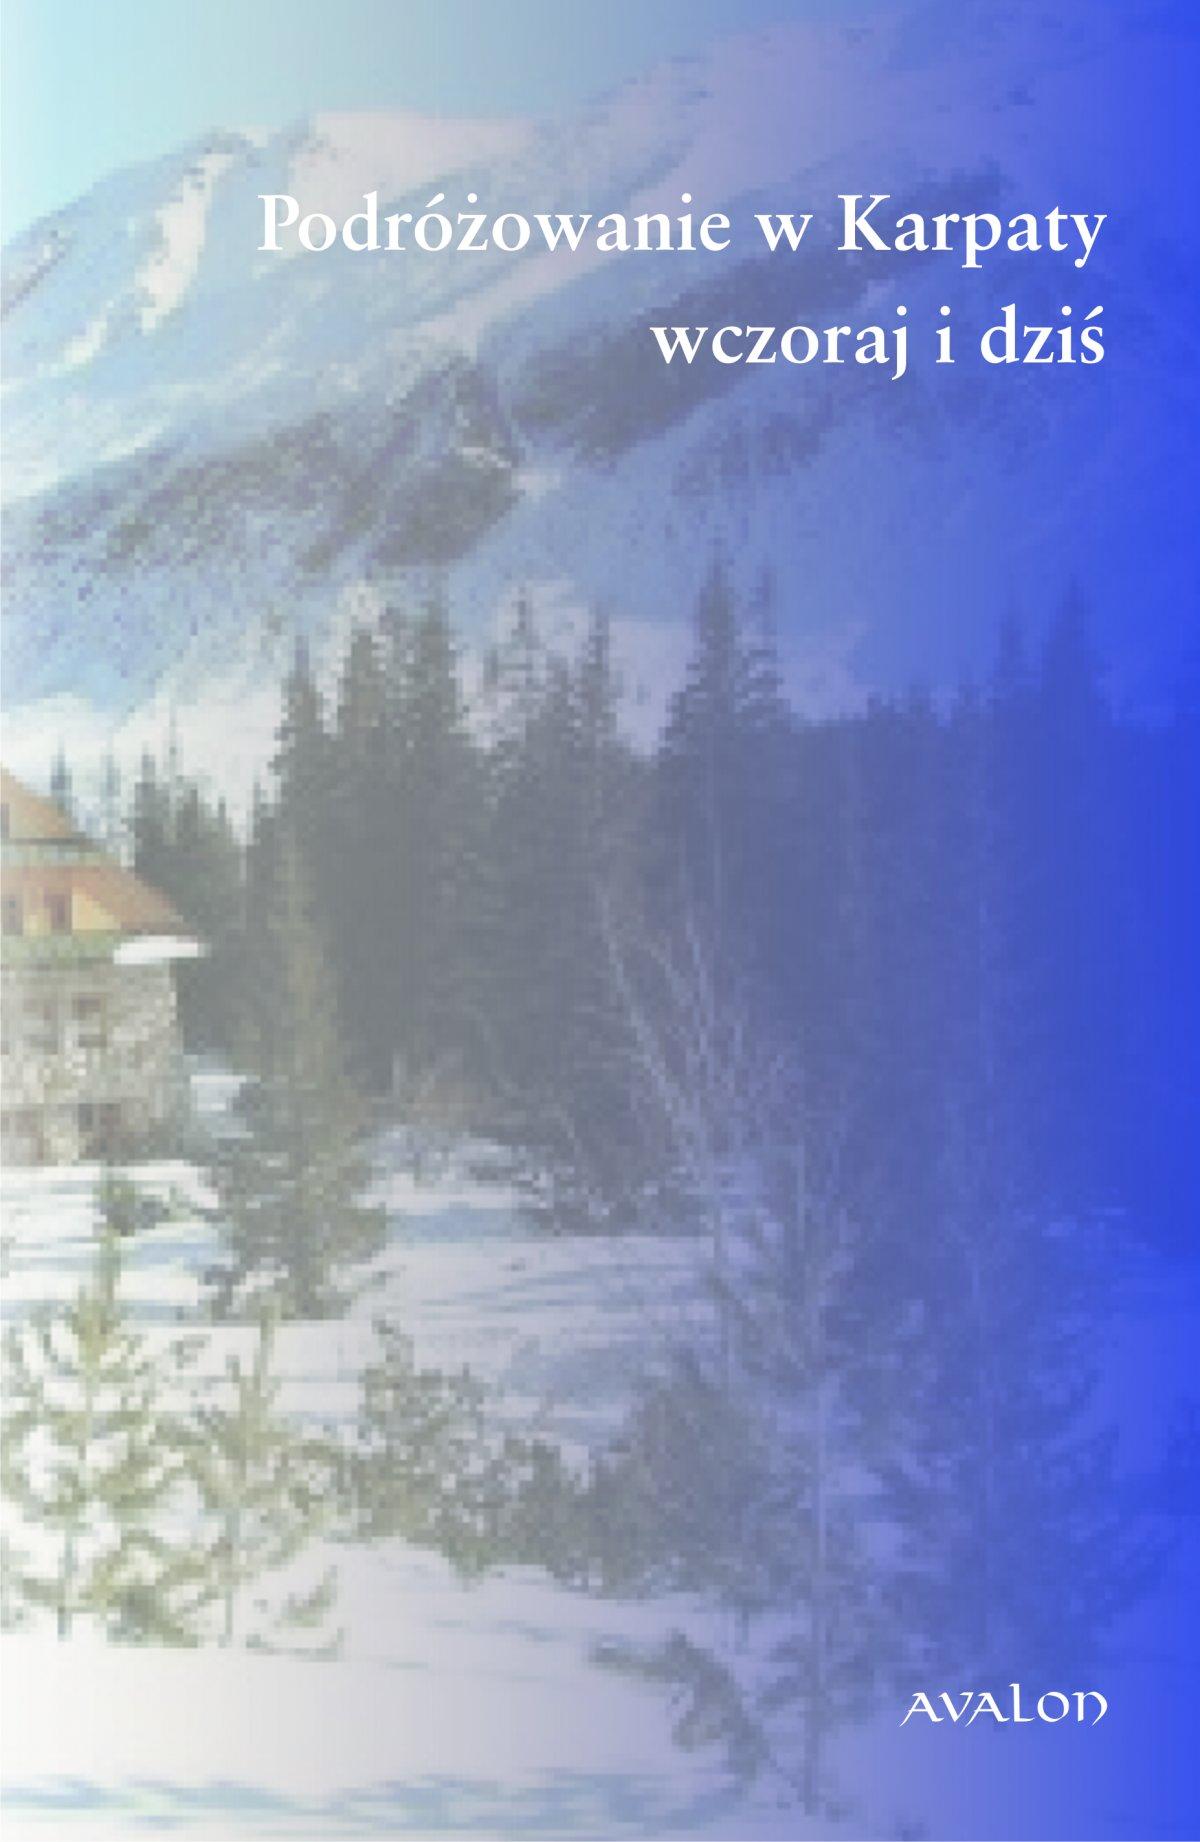 Podróżowanie w Karpaty. Wczoraj i dziś - Ebook (Książka PDF) do pobrania w formacie PDF